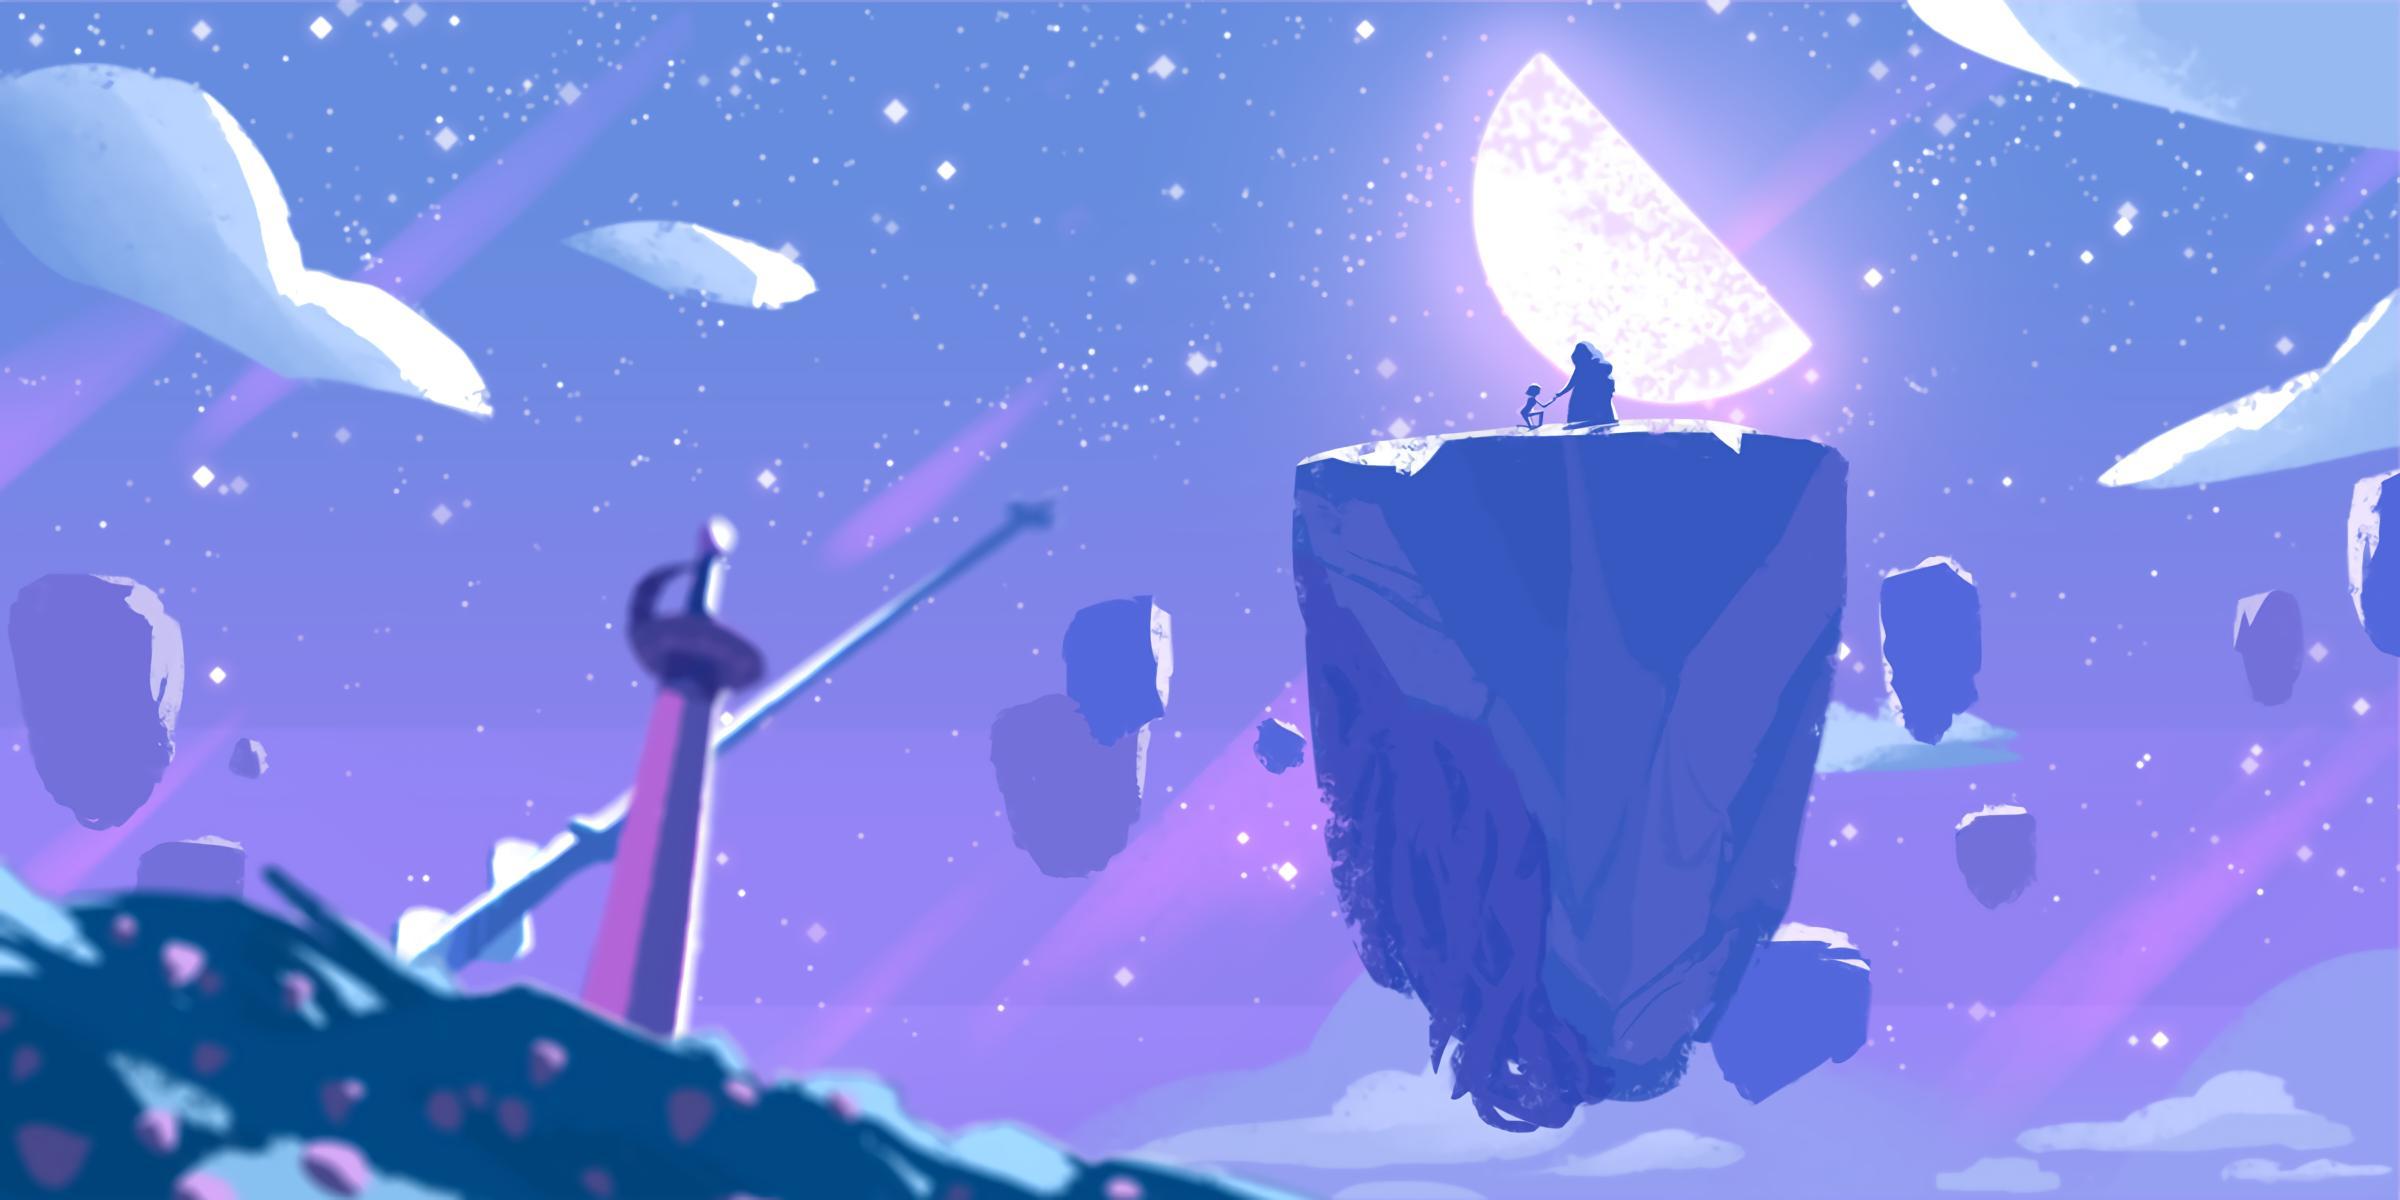 Steven Universe Rose Quartz Fondo De Pantalla Hd Fondo